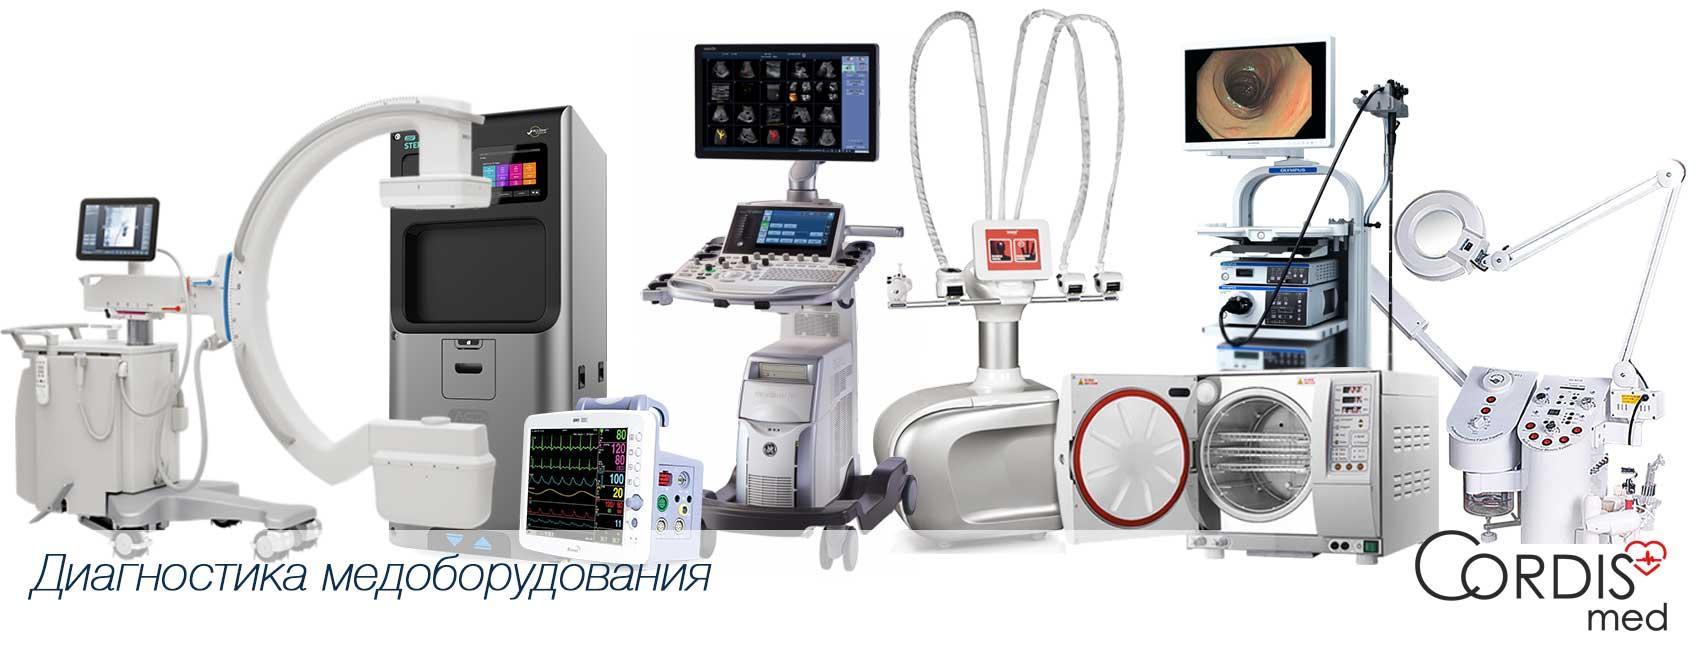 Цены на работы по диагностике медицинского оборудования